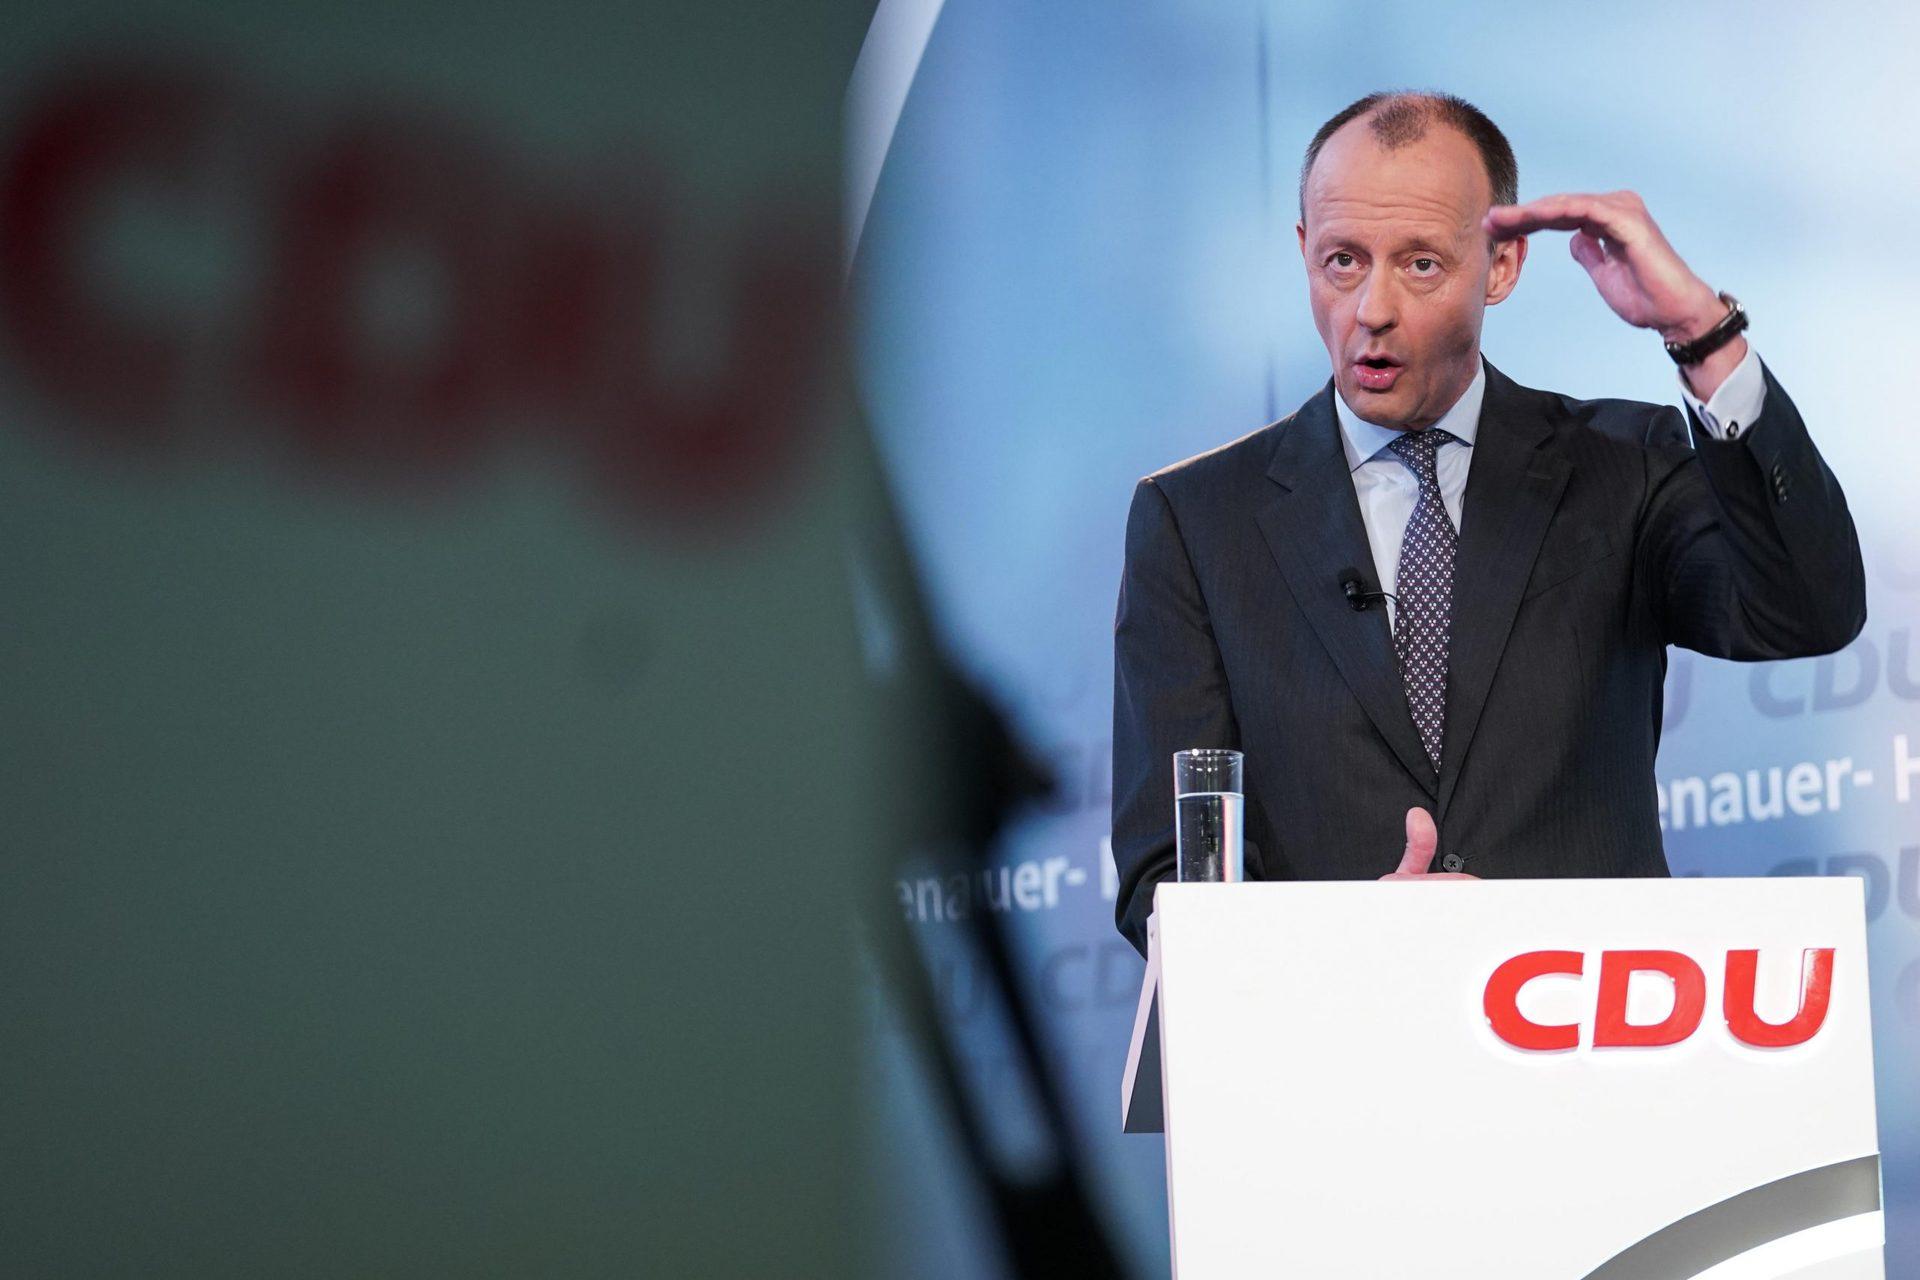 Merz: Müssen Impfskeptikern die Angst nehmen CDU-Politiker